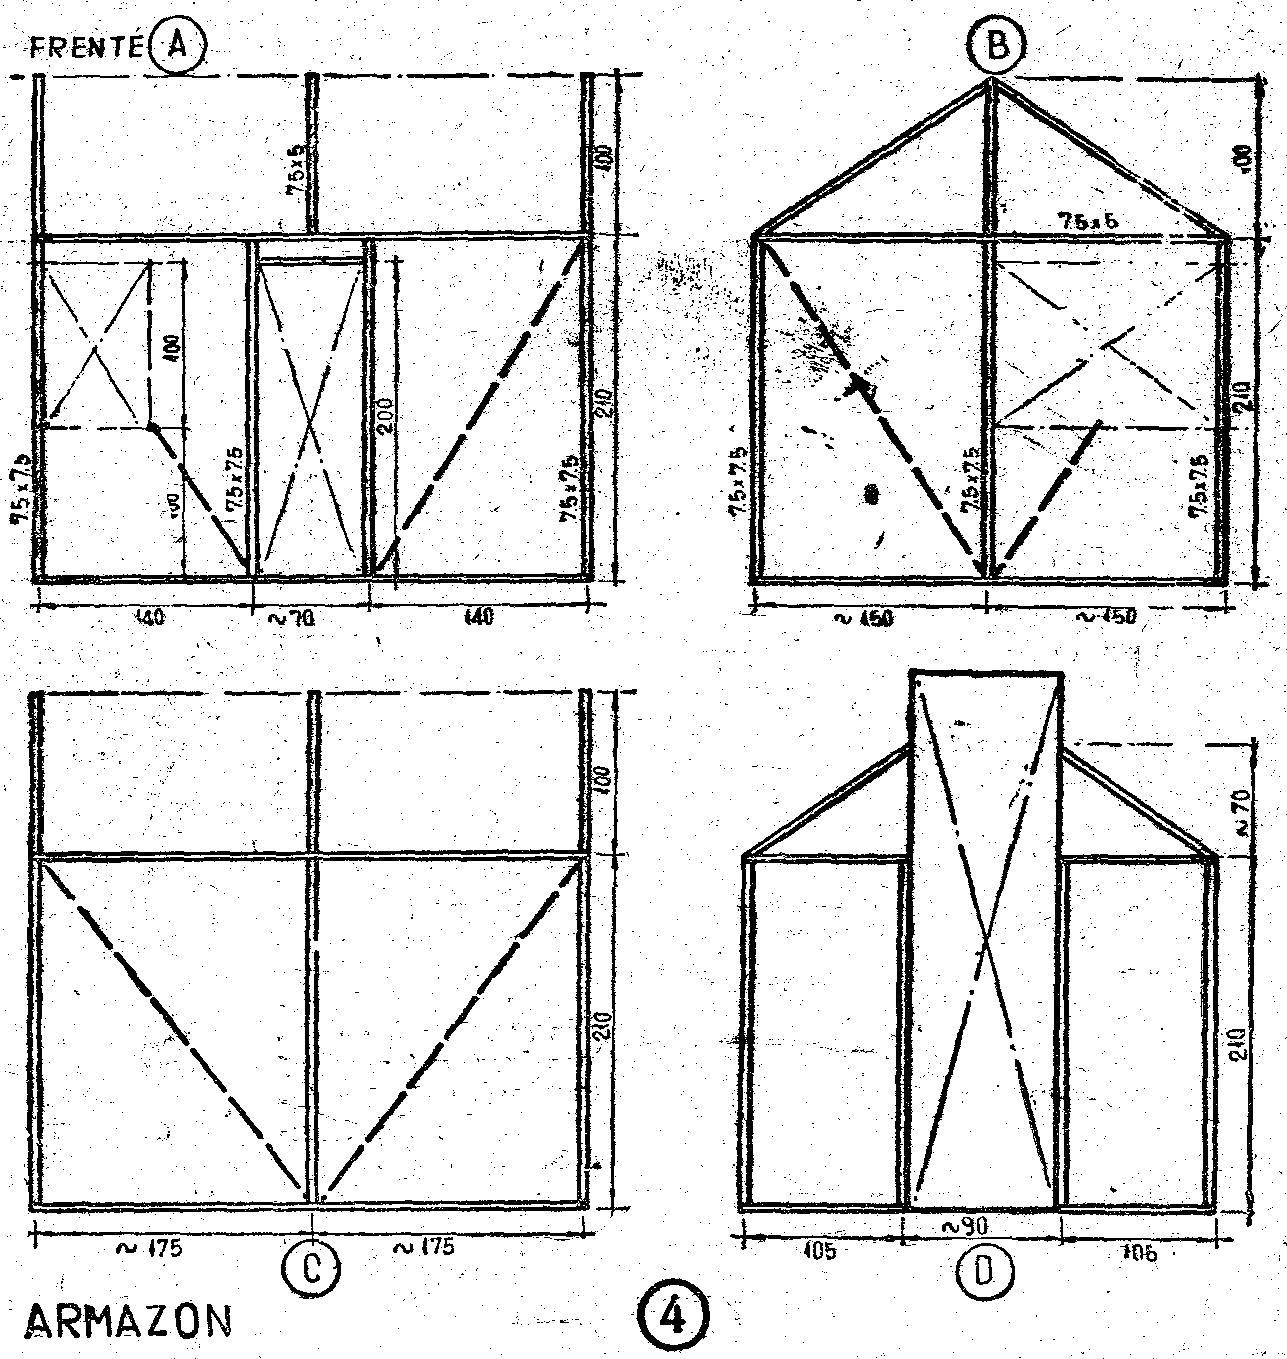 Como construir una casa de madera peque a y ampliable - Como hacer una casa de madera para ninos ...